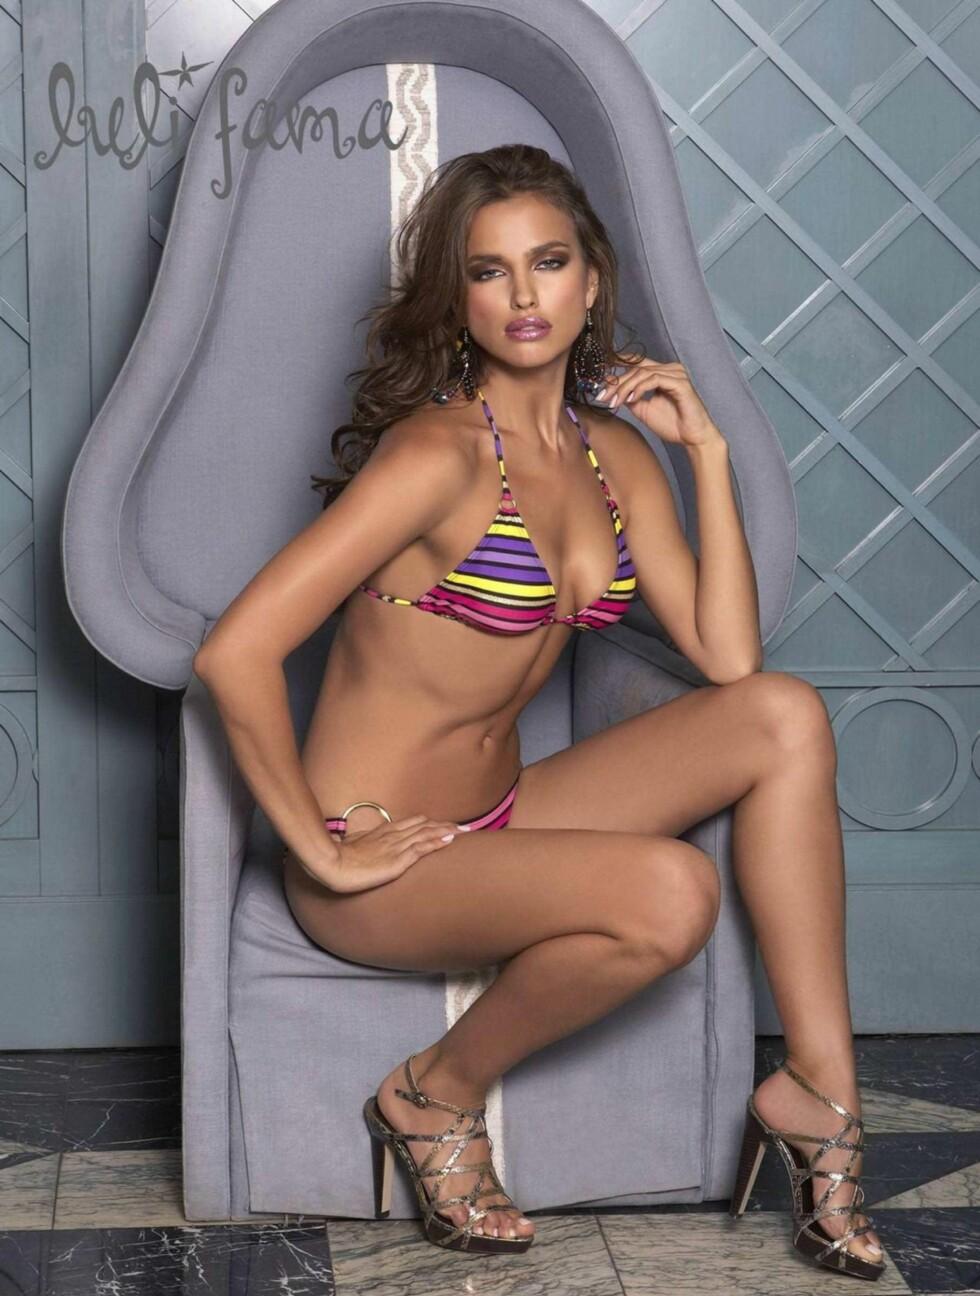 HOPPET AV STUDIENE: Ifølge Irinas Wikipedia-side begynte hun å studere markedsføring i Russland før hun ble modell, men hoppet av studiene fordi hun kjedet seg. Foto: All Over Press